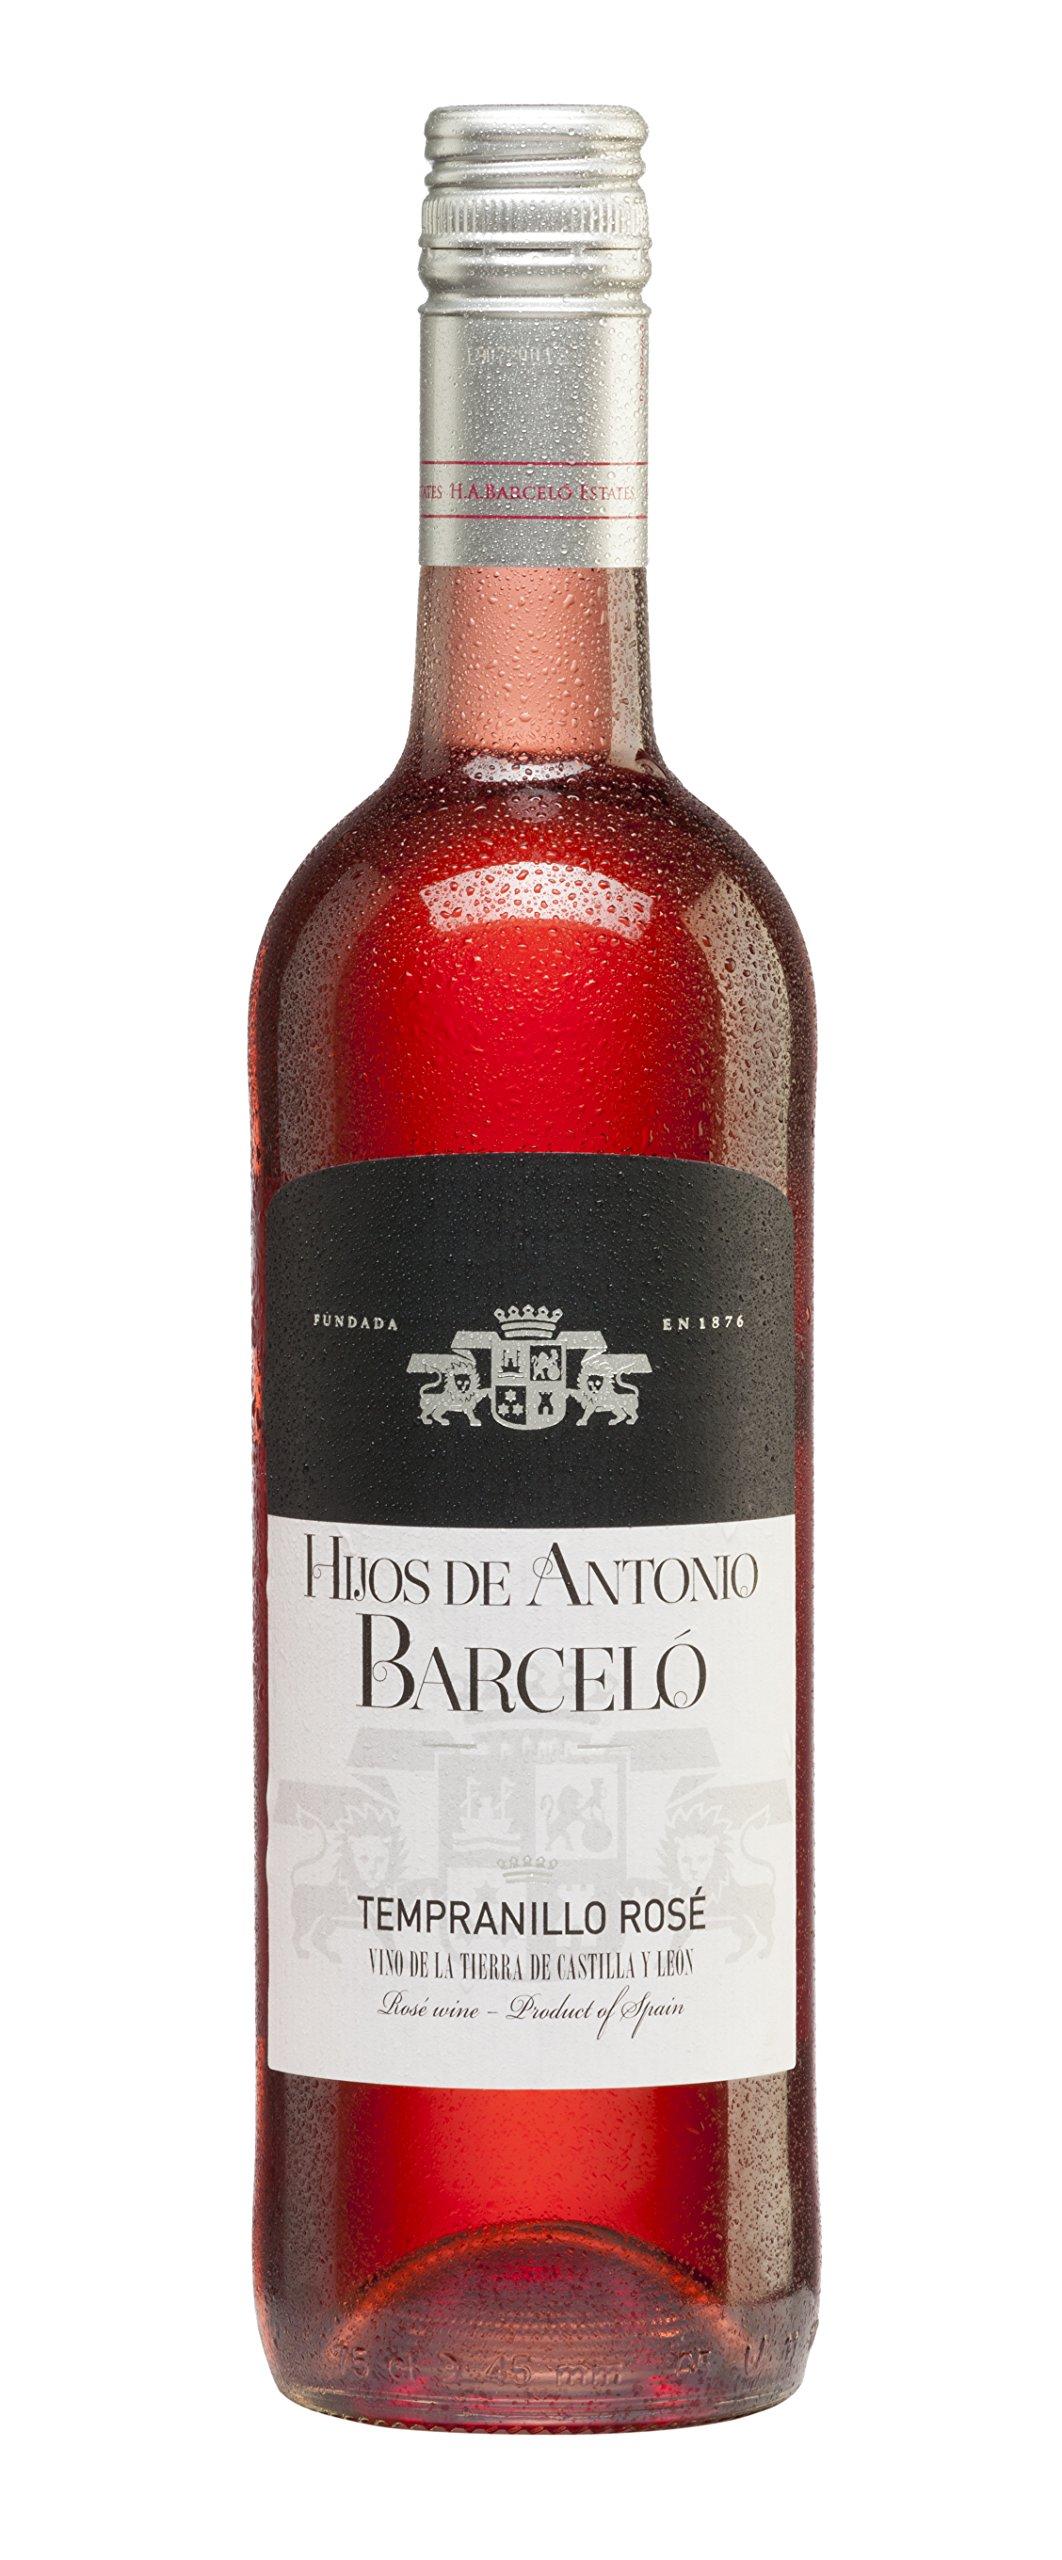 Hijos-de-Antonio-Barcel-Tempranillo-Ros-trocken-6-x-075-l